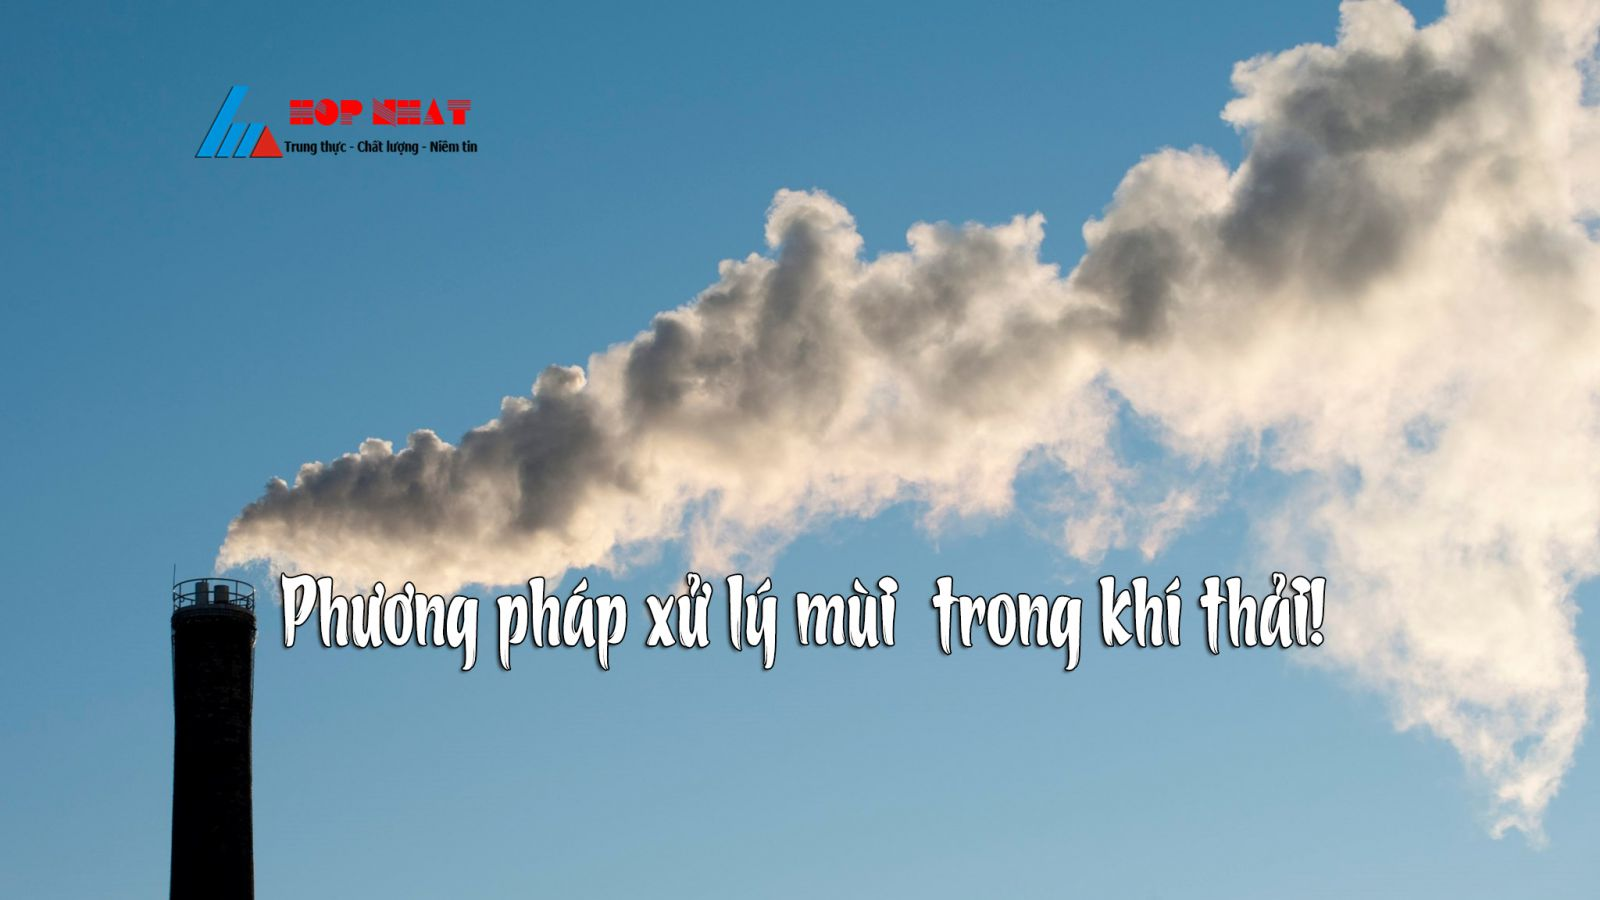 các phương pháp xử lý mùi trong khí thải